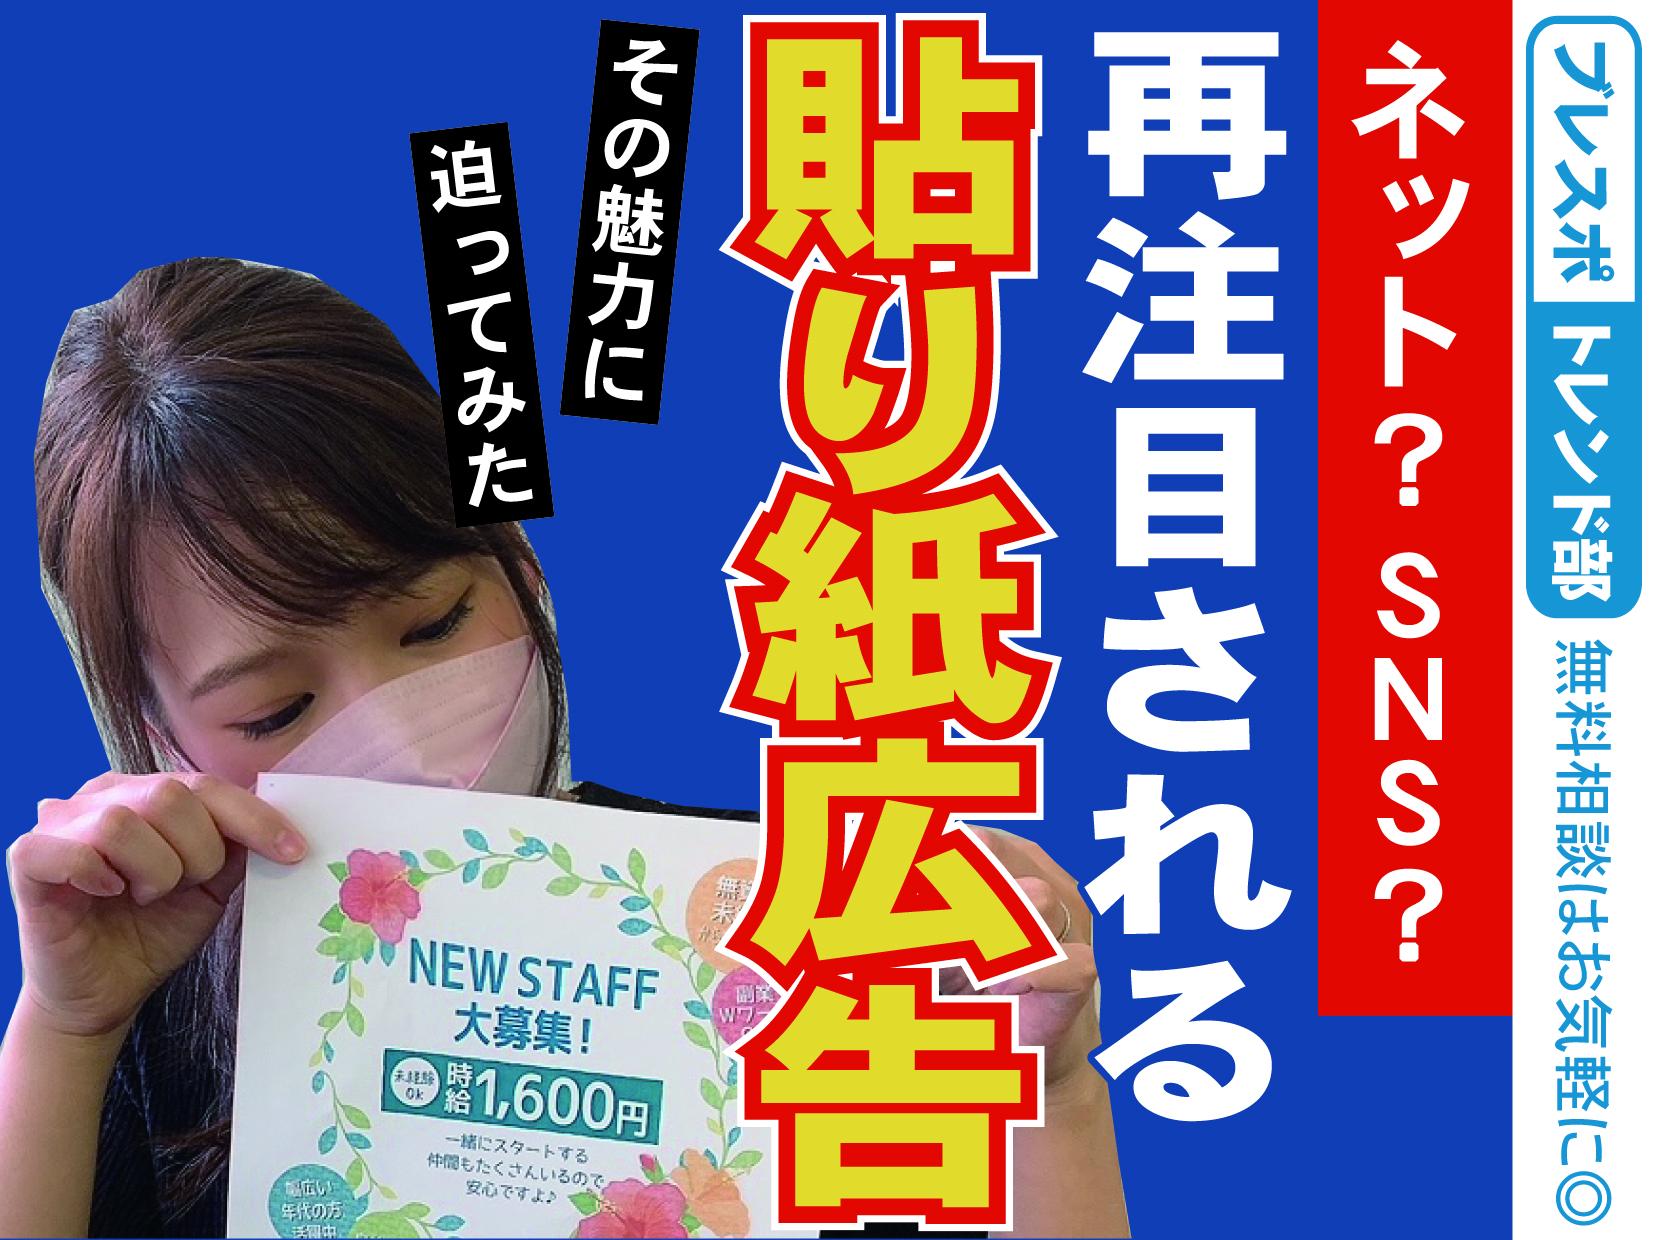 ネット?SNS?いや、「貼り紙の求人広告」が今アツい!画像